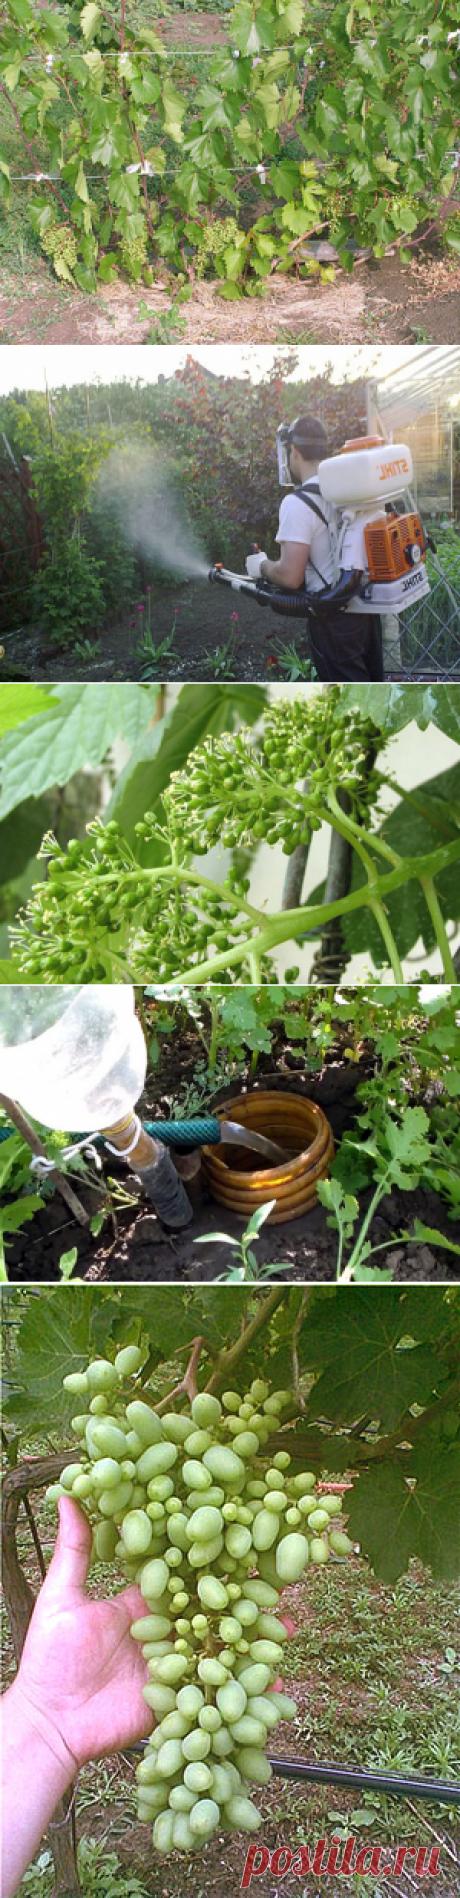 Обработка, полив, подкормка, пасынкование, уход за виноградом летом + видео